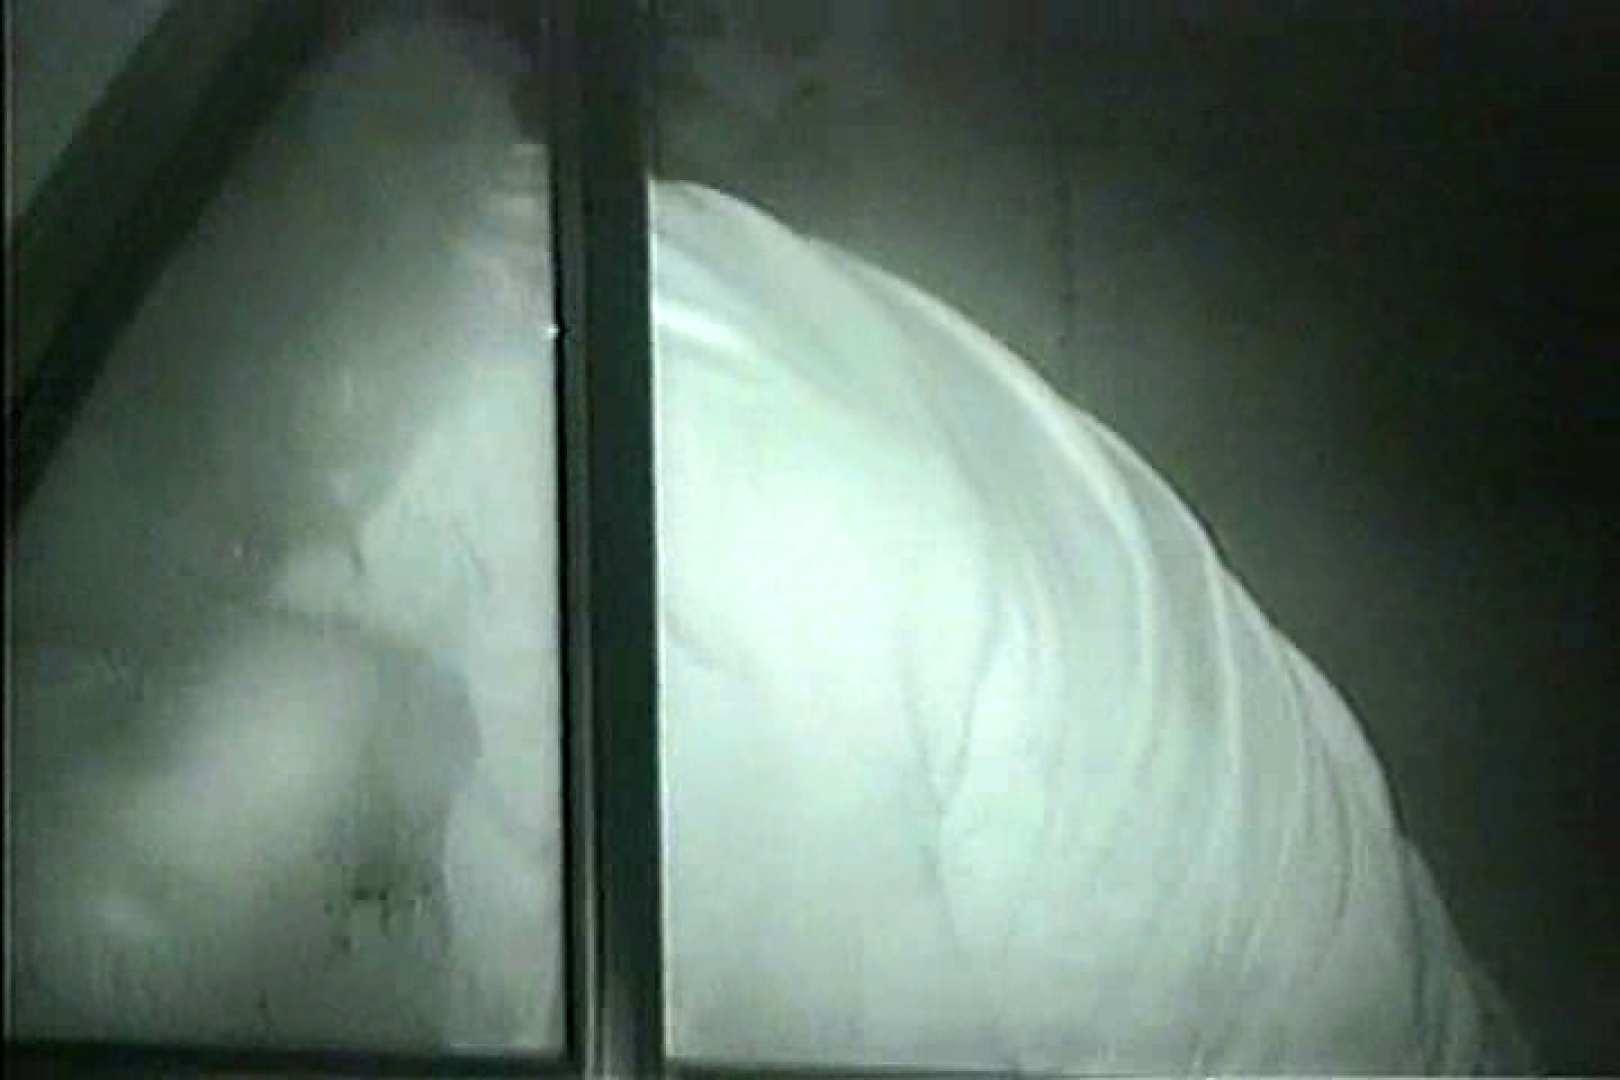 車の中はラブホテル 無修正版  Vol.10 望遠 盗撮おまんこ無修正動画無料 33pic 14